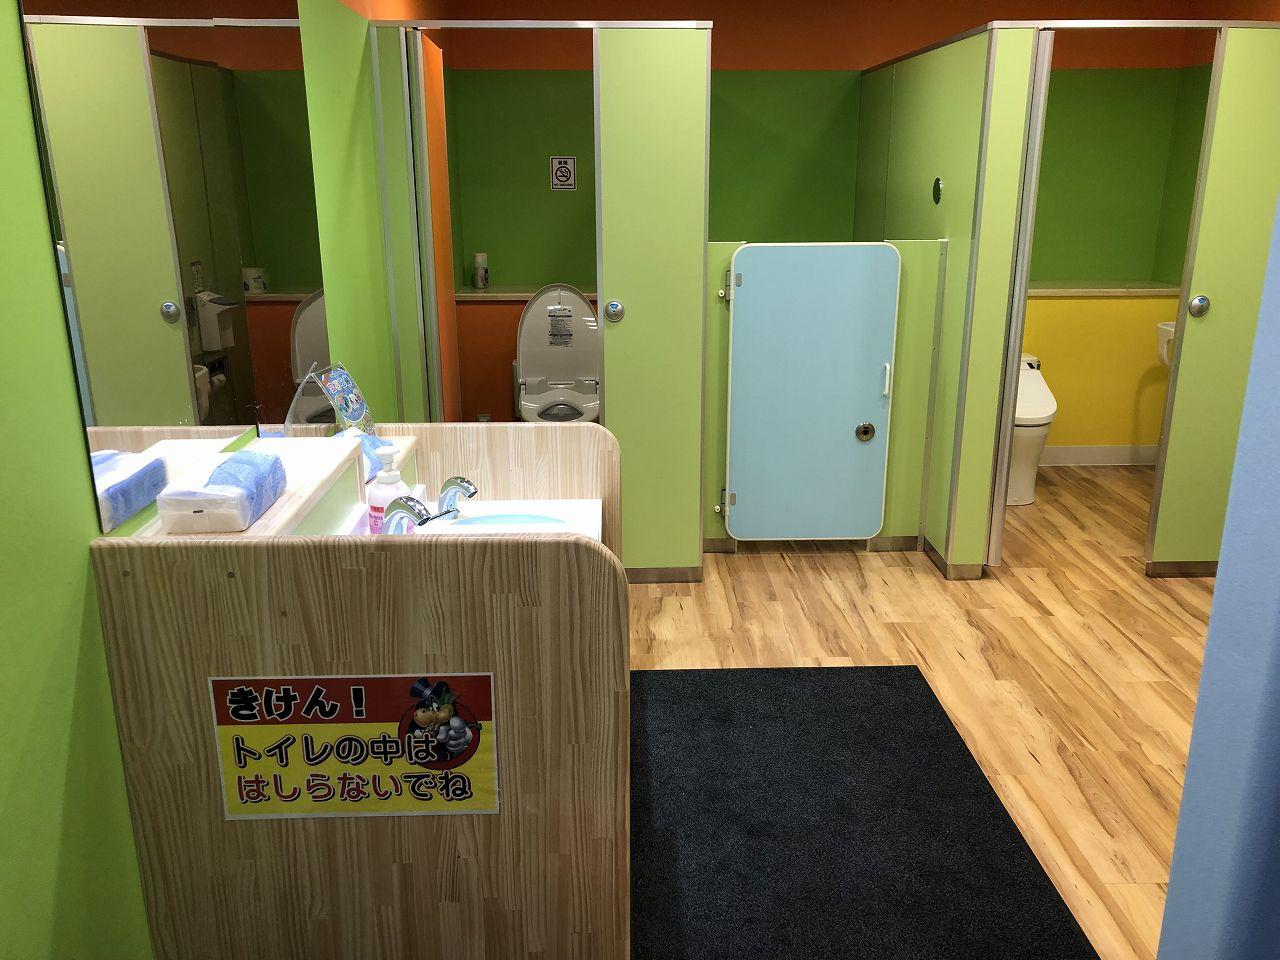 子供用のトイレもある